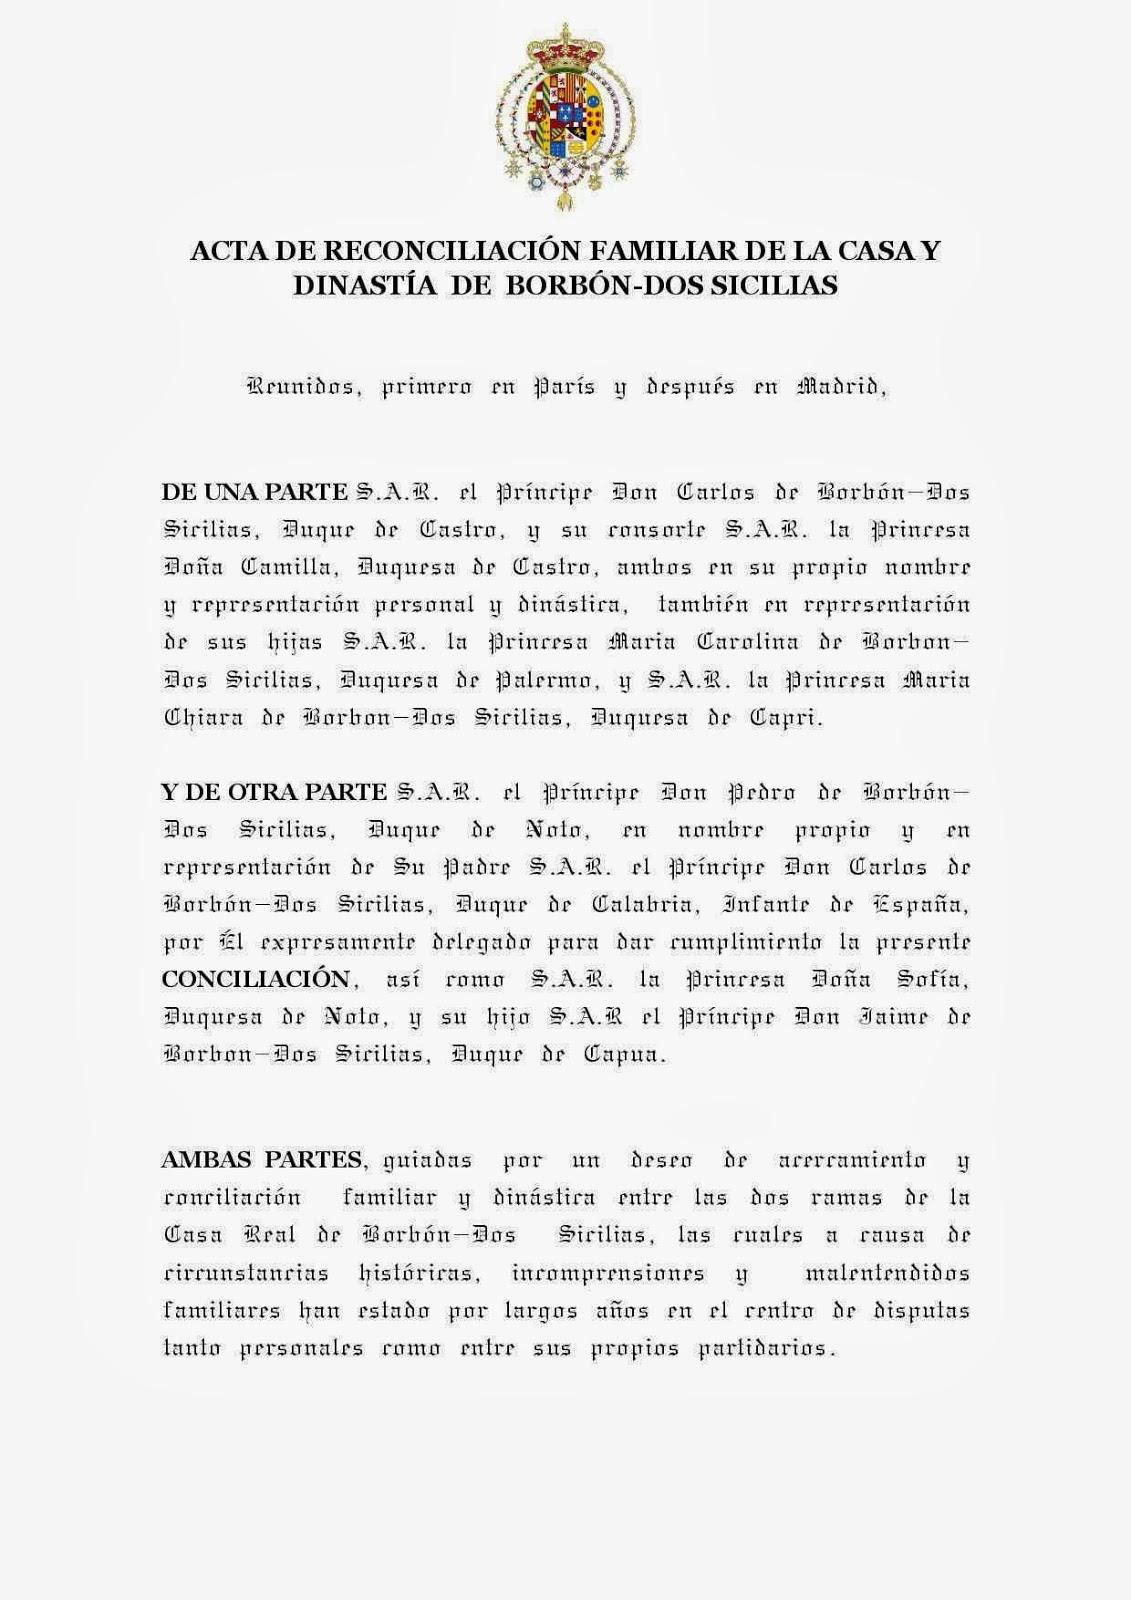 Sacra y militar orden constantiniana de san jorge actas for Acta familiar